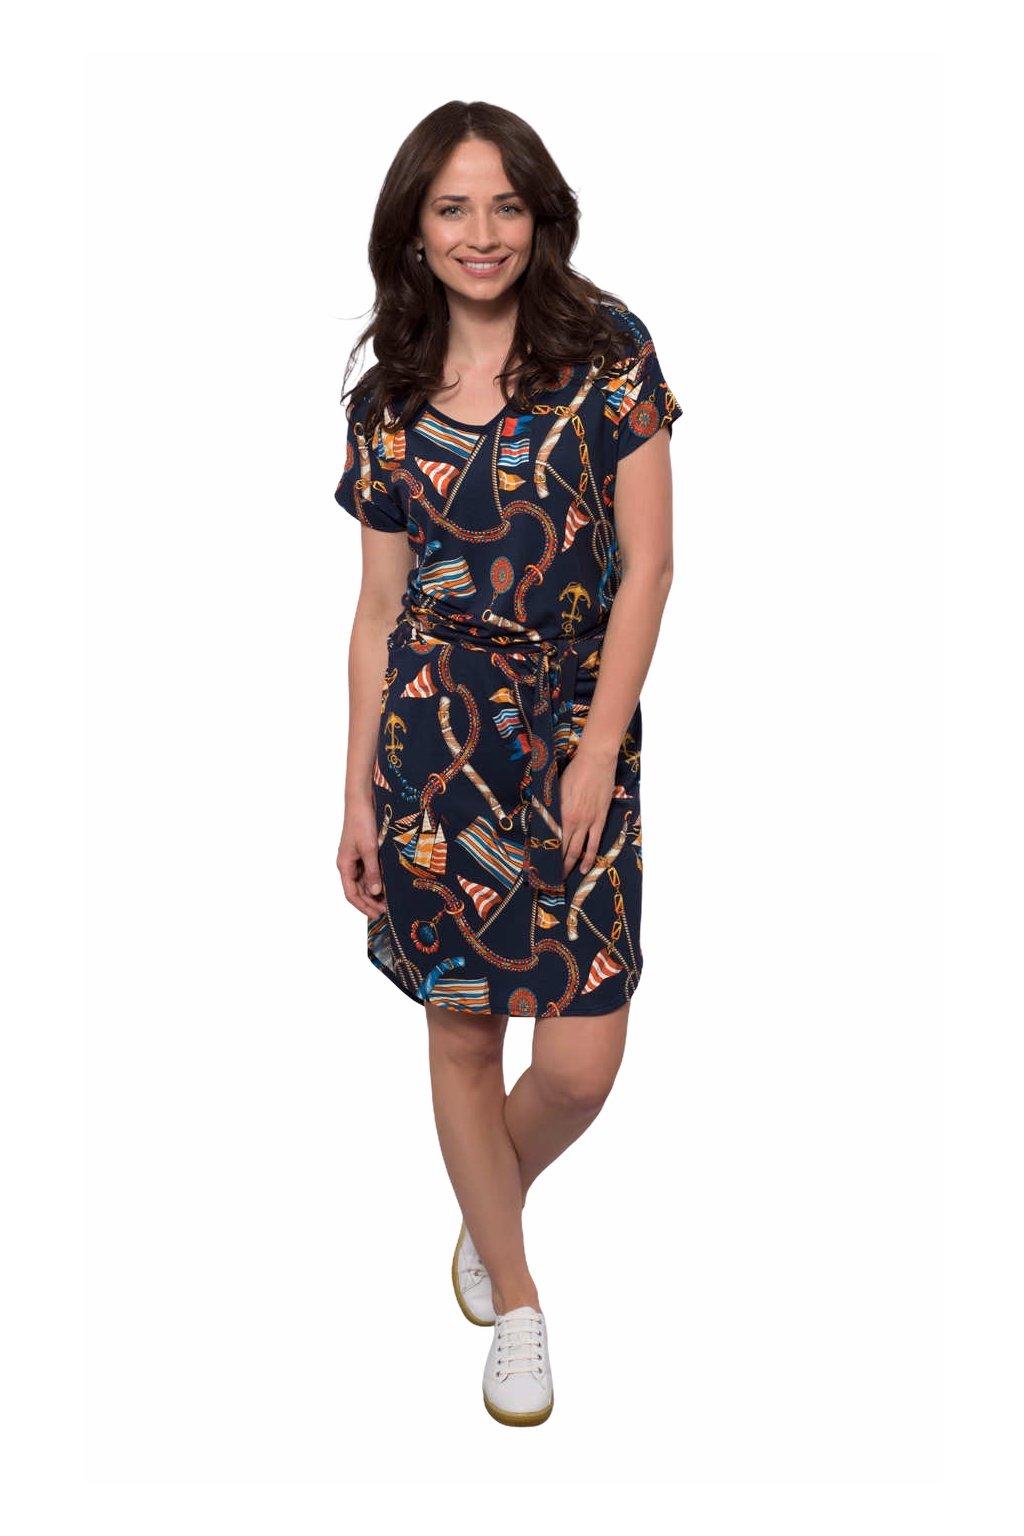 Dámské šaty s krátkým rukávem, 105136 380, modrá